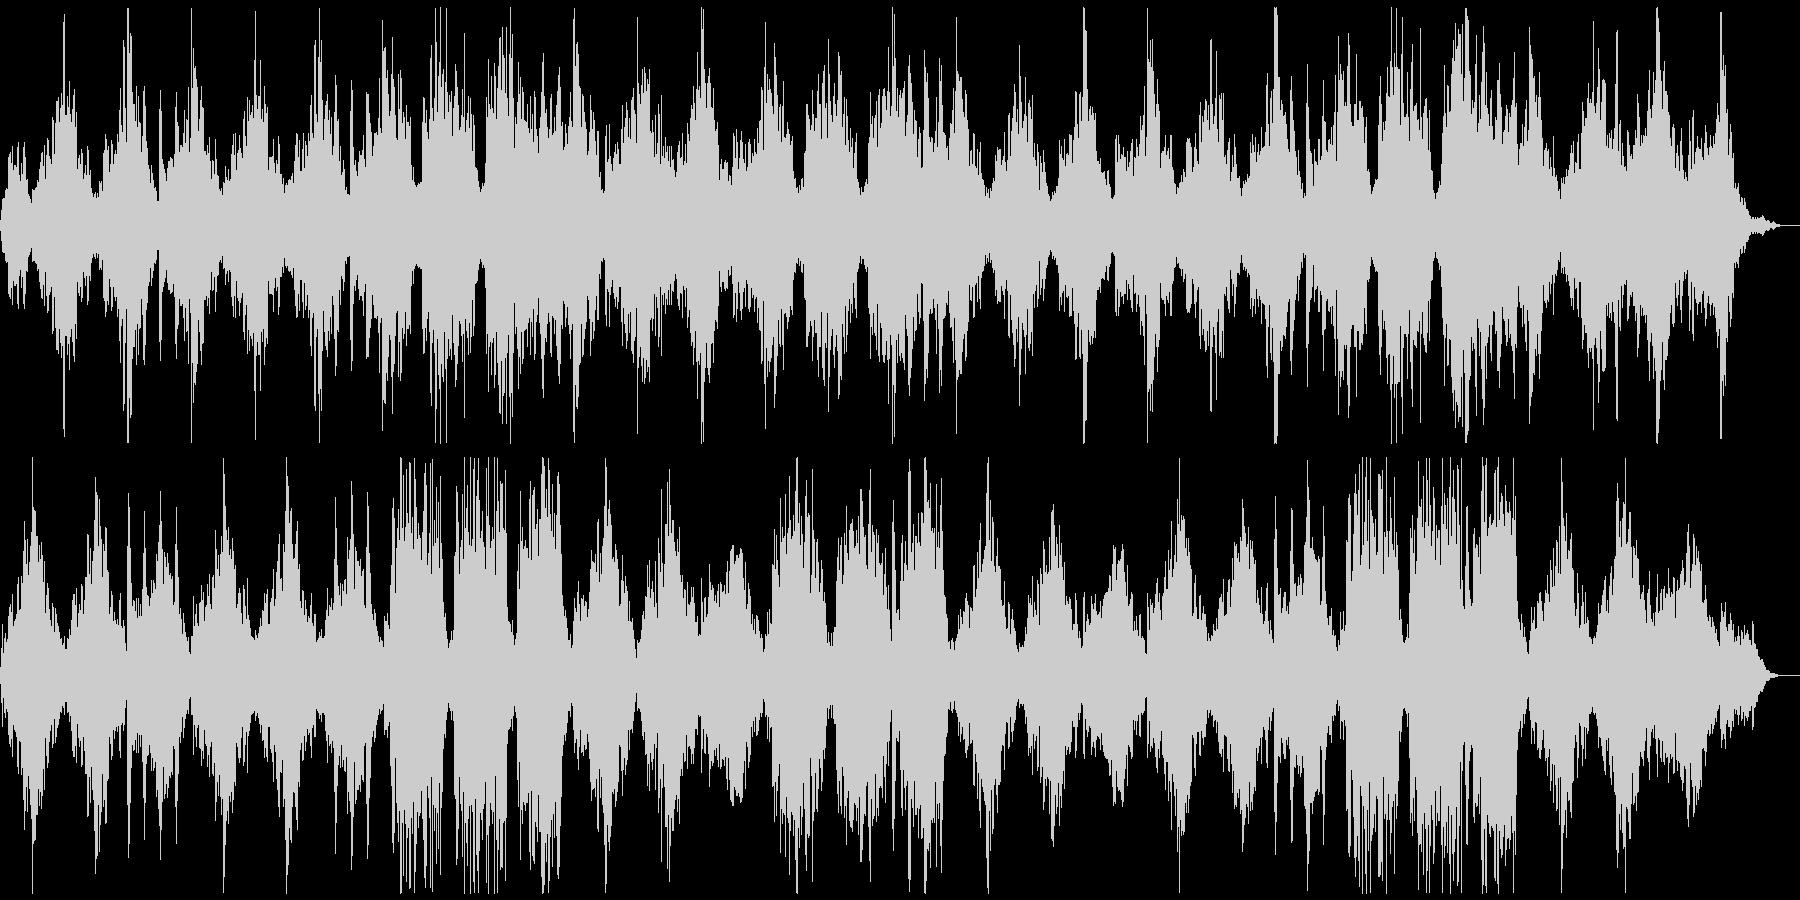 瞑想やヨガ、睡眠誘導のための音楽 05の未再生の波形